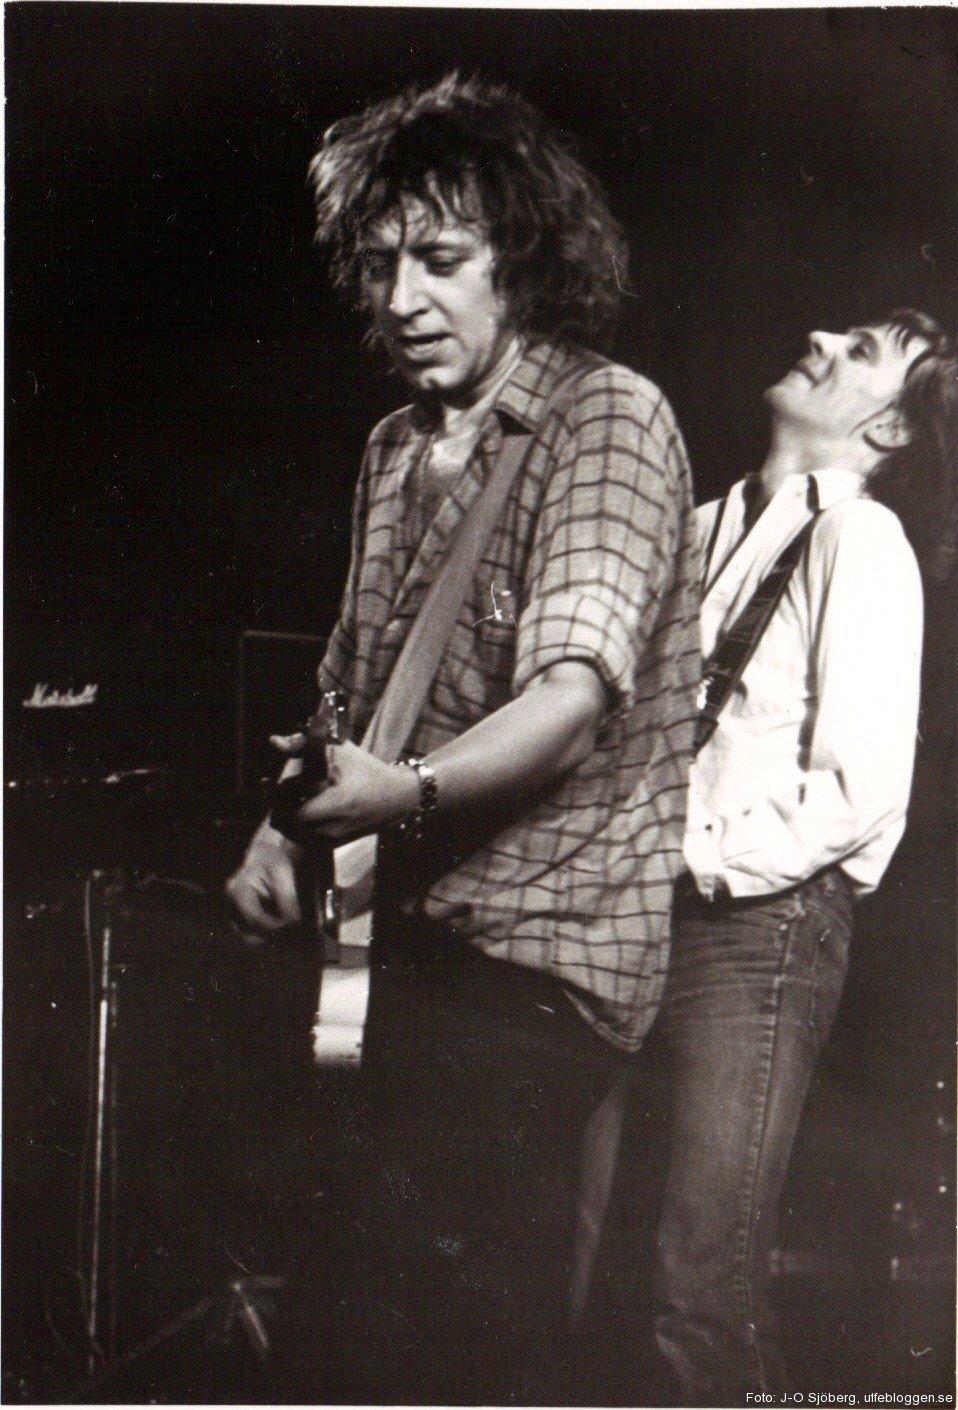 Uffe och Mats Ronander, konserthuset i Örebro, 13 oktober 1980